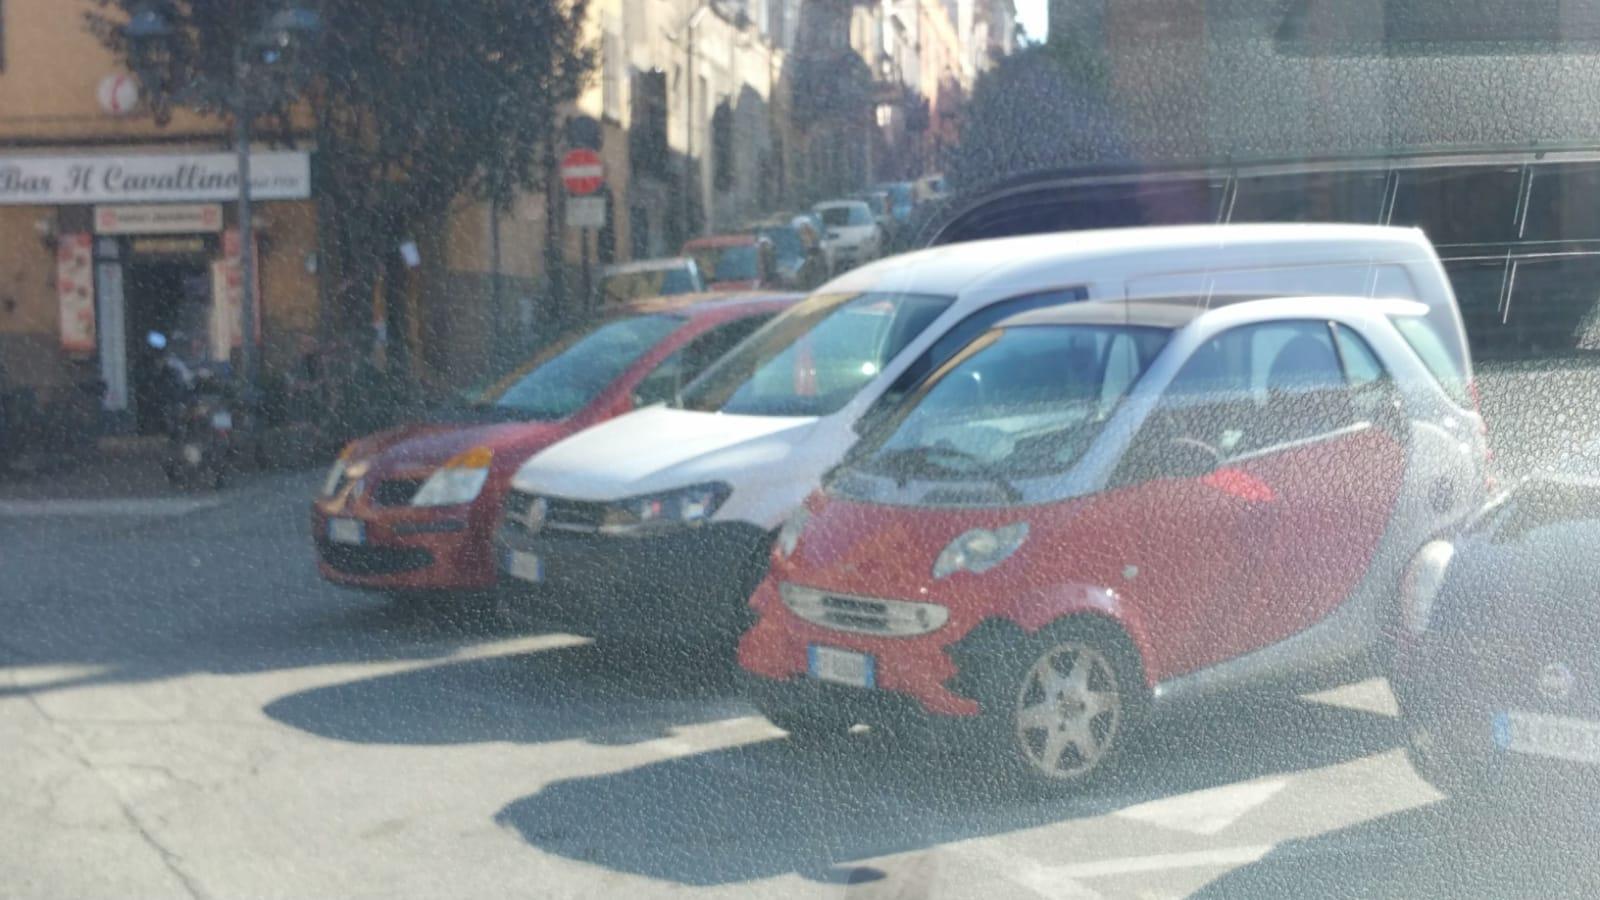 Parcheggio selvaggio: il modello piace anche a Bagnaia, le frazioni emulano il centro